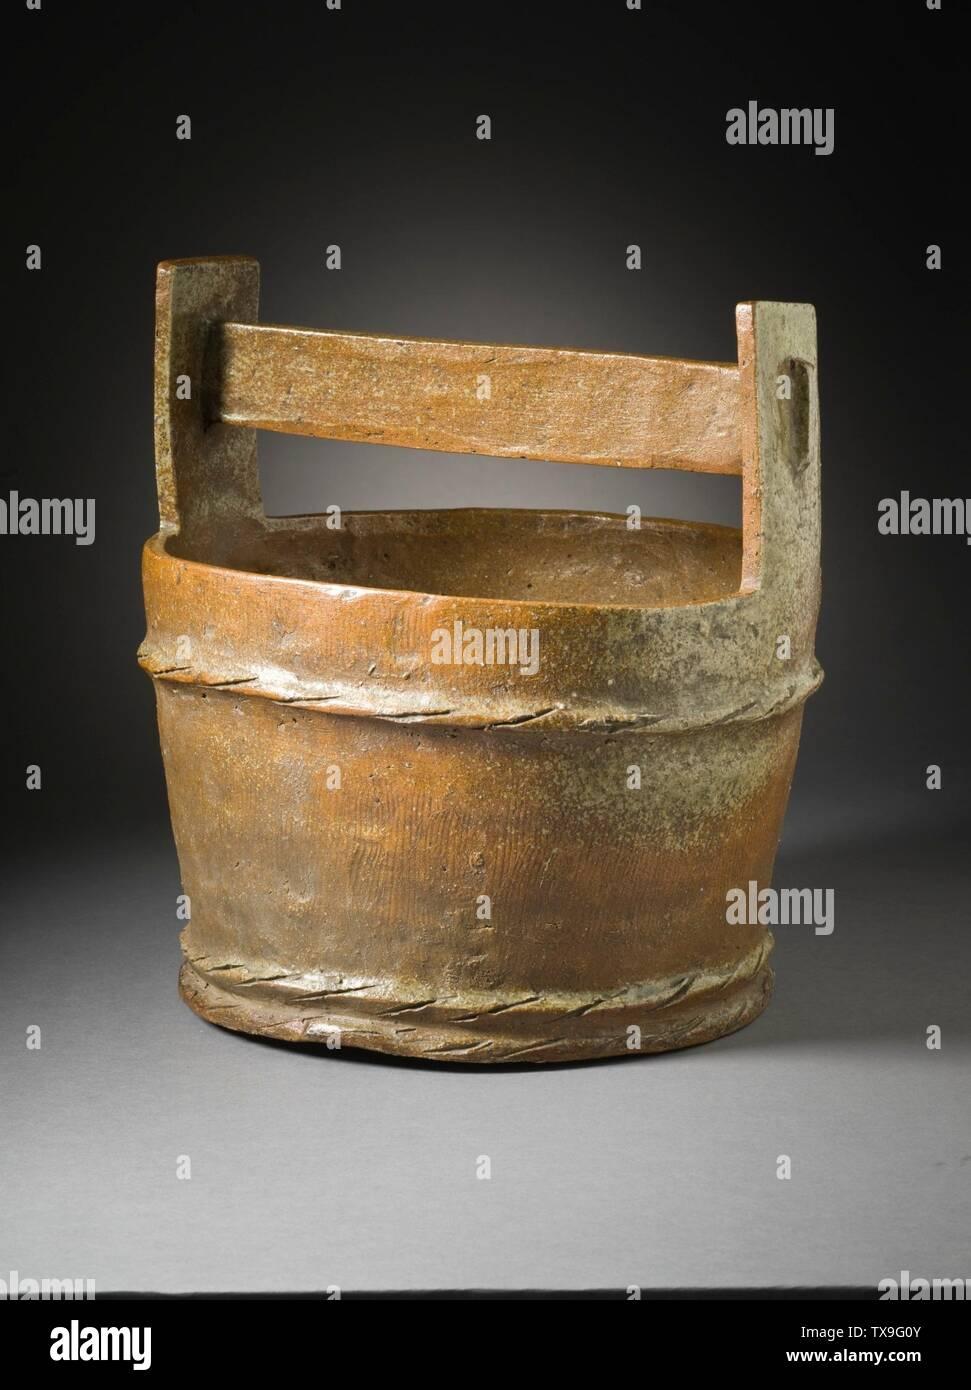 """'Mizusashi (recipiente de agua para la ceremonia del té) en forma de un cubo de madera (Imagen 4 de 7); en inglés: Japón, el período Momoyama, mobiliario 1573-1615; Serviceware Tamba ware; gres con barniz de ceniza natural a-b) de la tapa de dos piezas: 9 1/2 x 4 1/2 x 3/8 in. (24,13 x 11,43 x 0,95 cm) cada uno; c) contenedor: 10 3/4 x 10 1/4"""" x 9 1/4"""". (32,95 x 26.04 x 24.45 cm) de Regalo de David y Margaret Barry M.2009.16(a-c) arte japonés actualmente en vista pública: Pabellón de arte Japonés, piso 3; entre 1573 y 1615 fecha QS:P571,+1500-00-00T00:00:00Z/6,P1319,+1573-00-00T00:00:00Z/9,P1326,+1615-00-00T00:00:00Z/9; ' Imagen De Stock"""